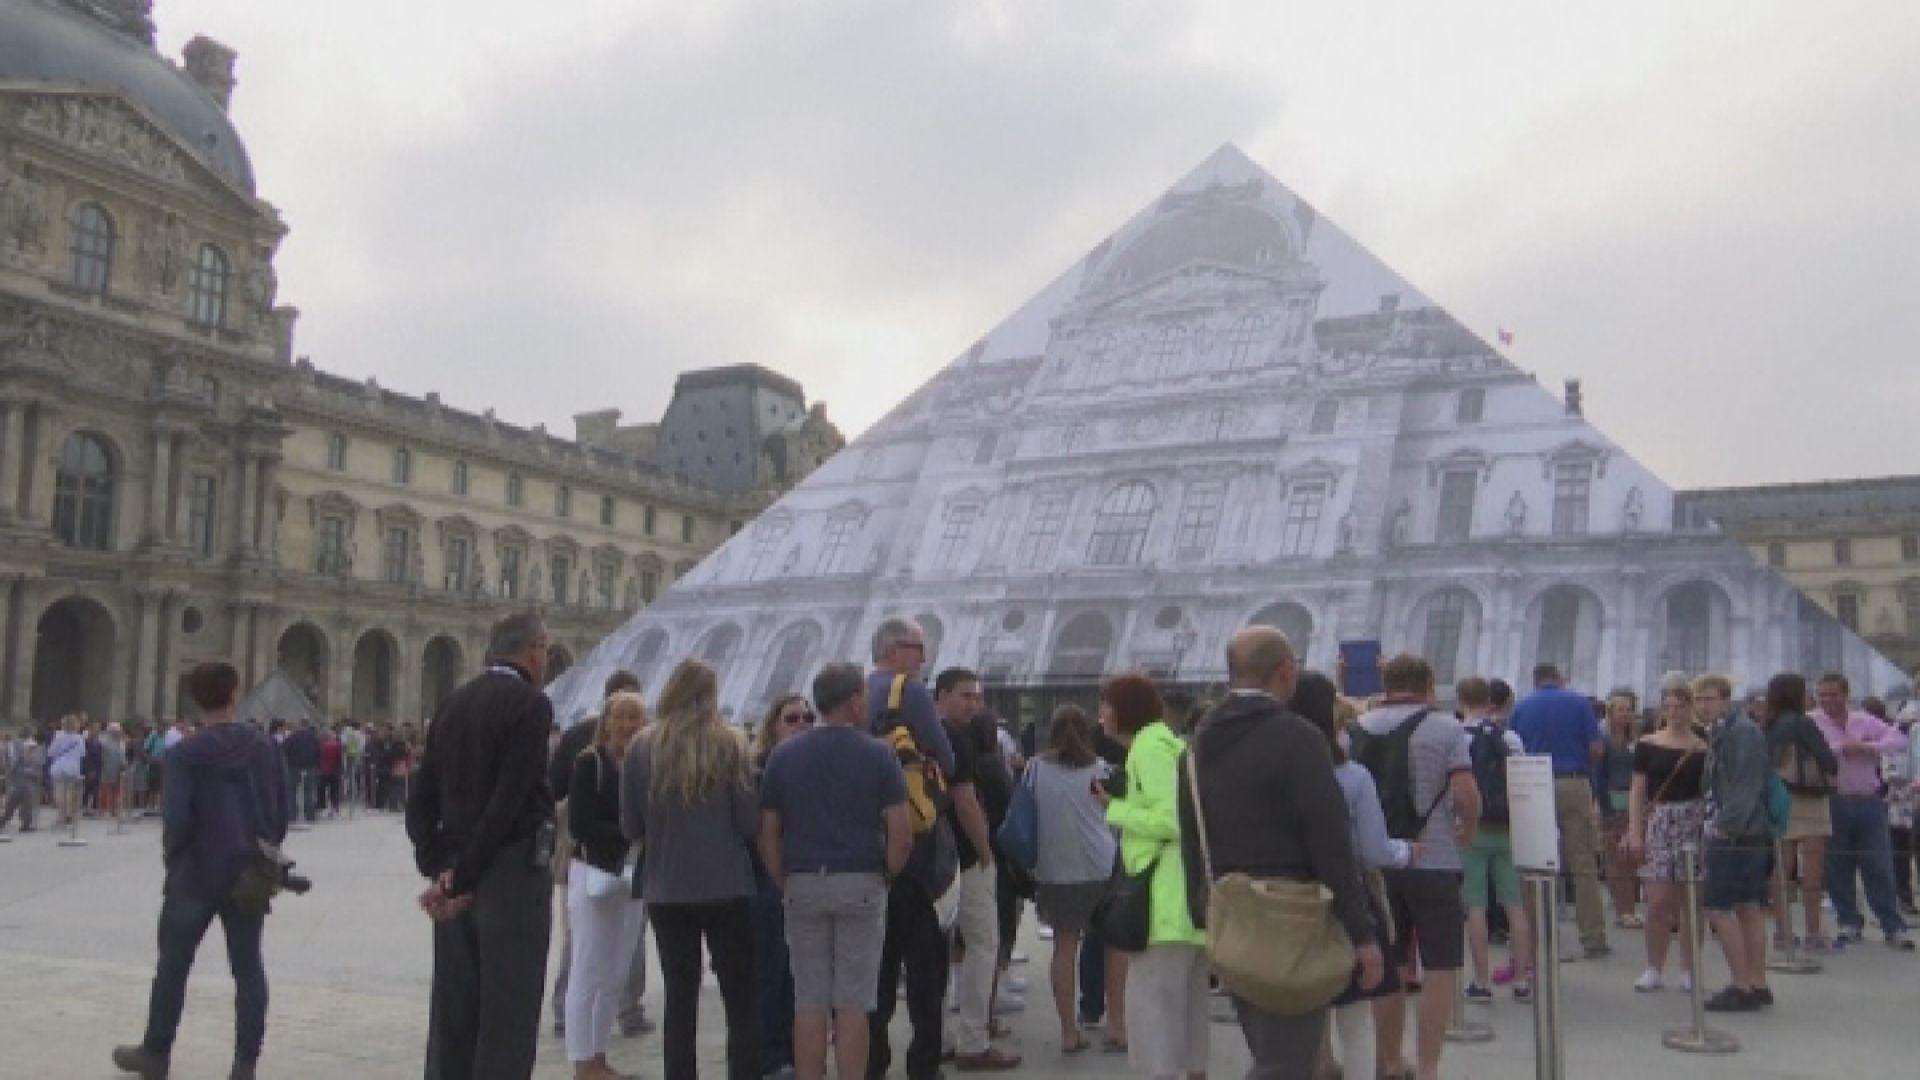 【環球薈報】法國羅浮宮2018年訪客破千萬創新高